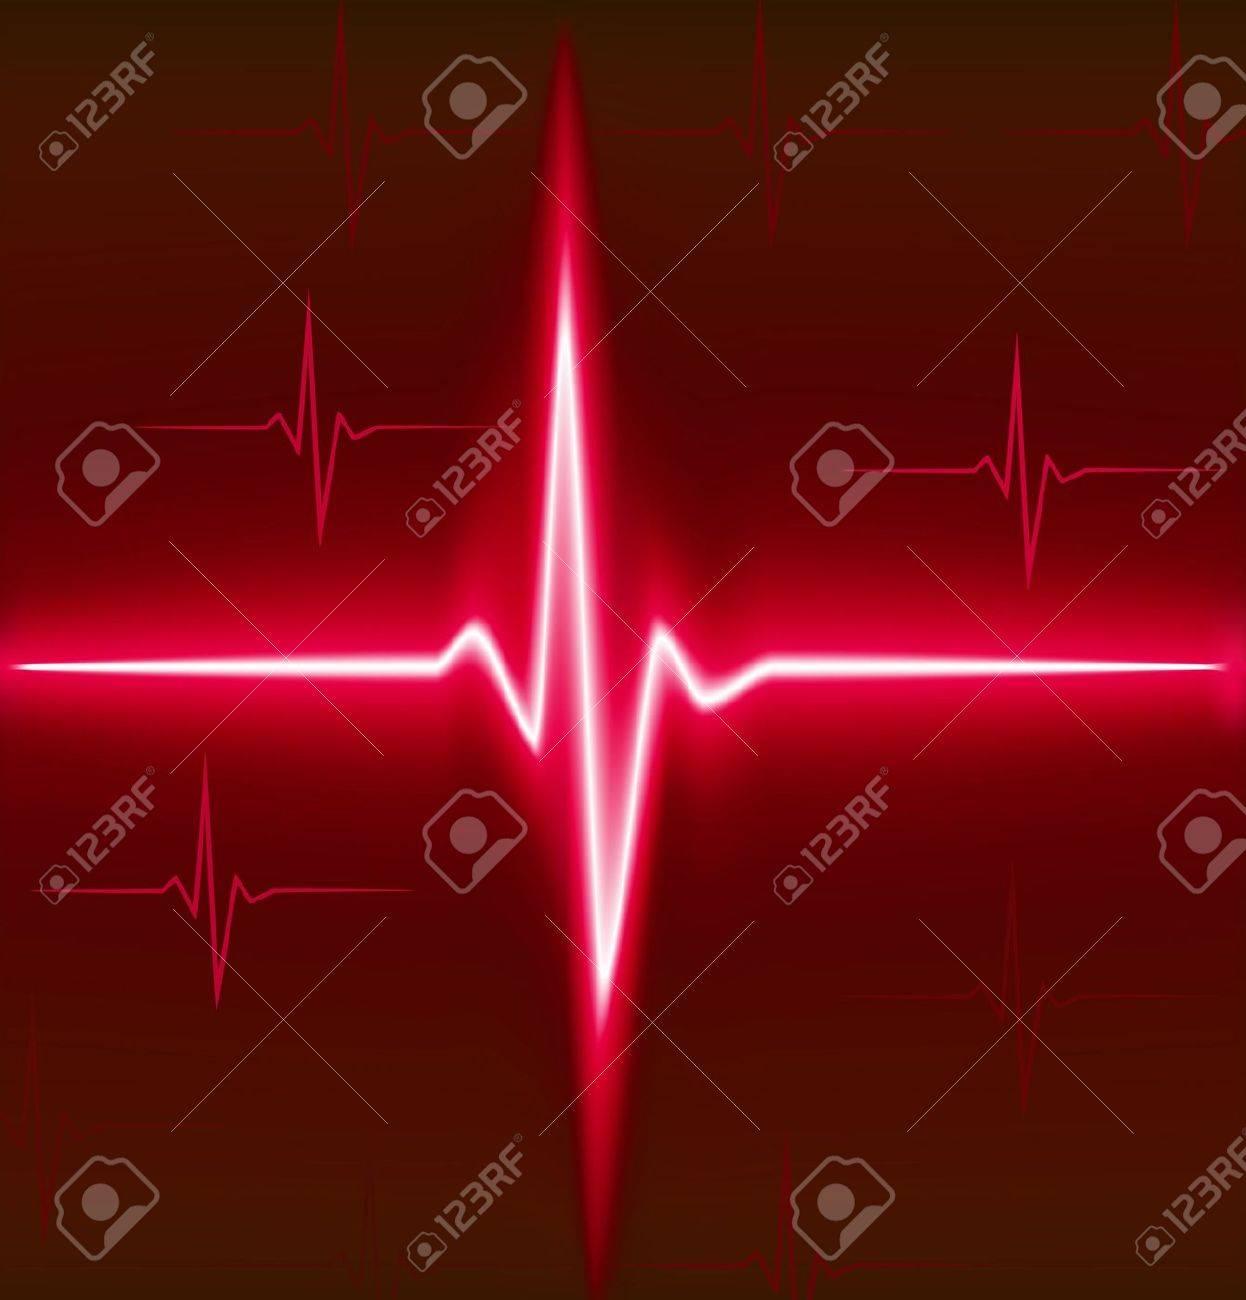 Red heart beat. Ekg graph. Stock Vector - 6771637